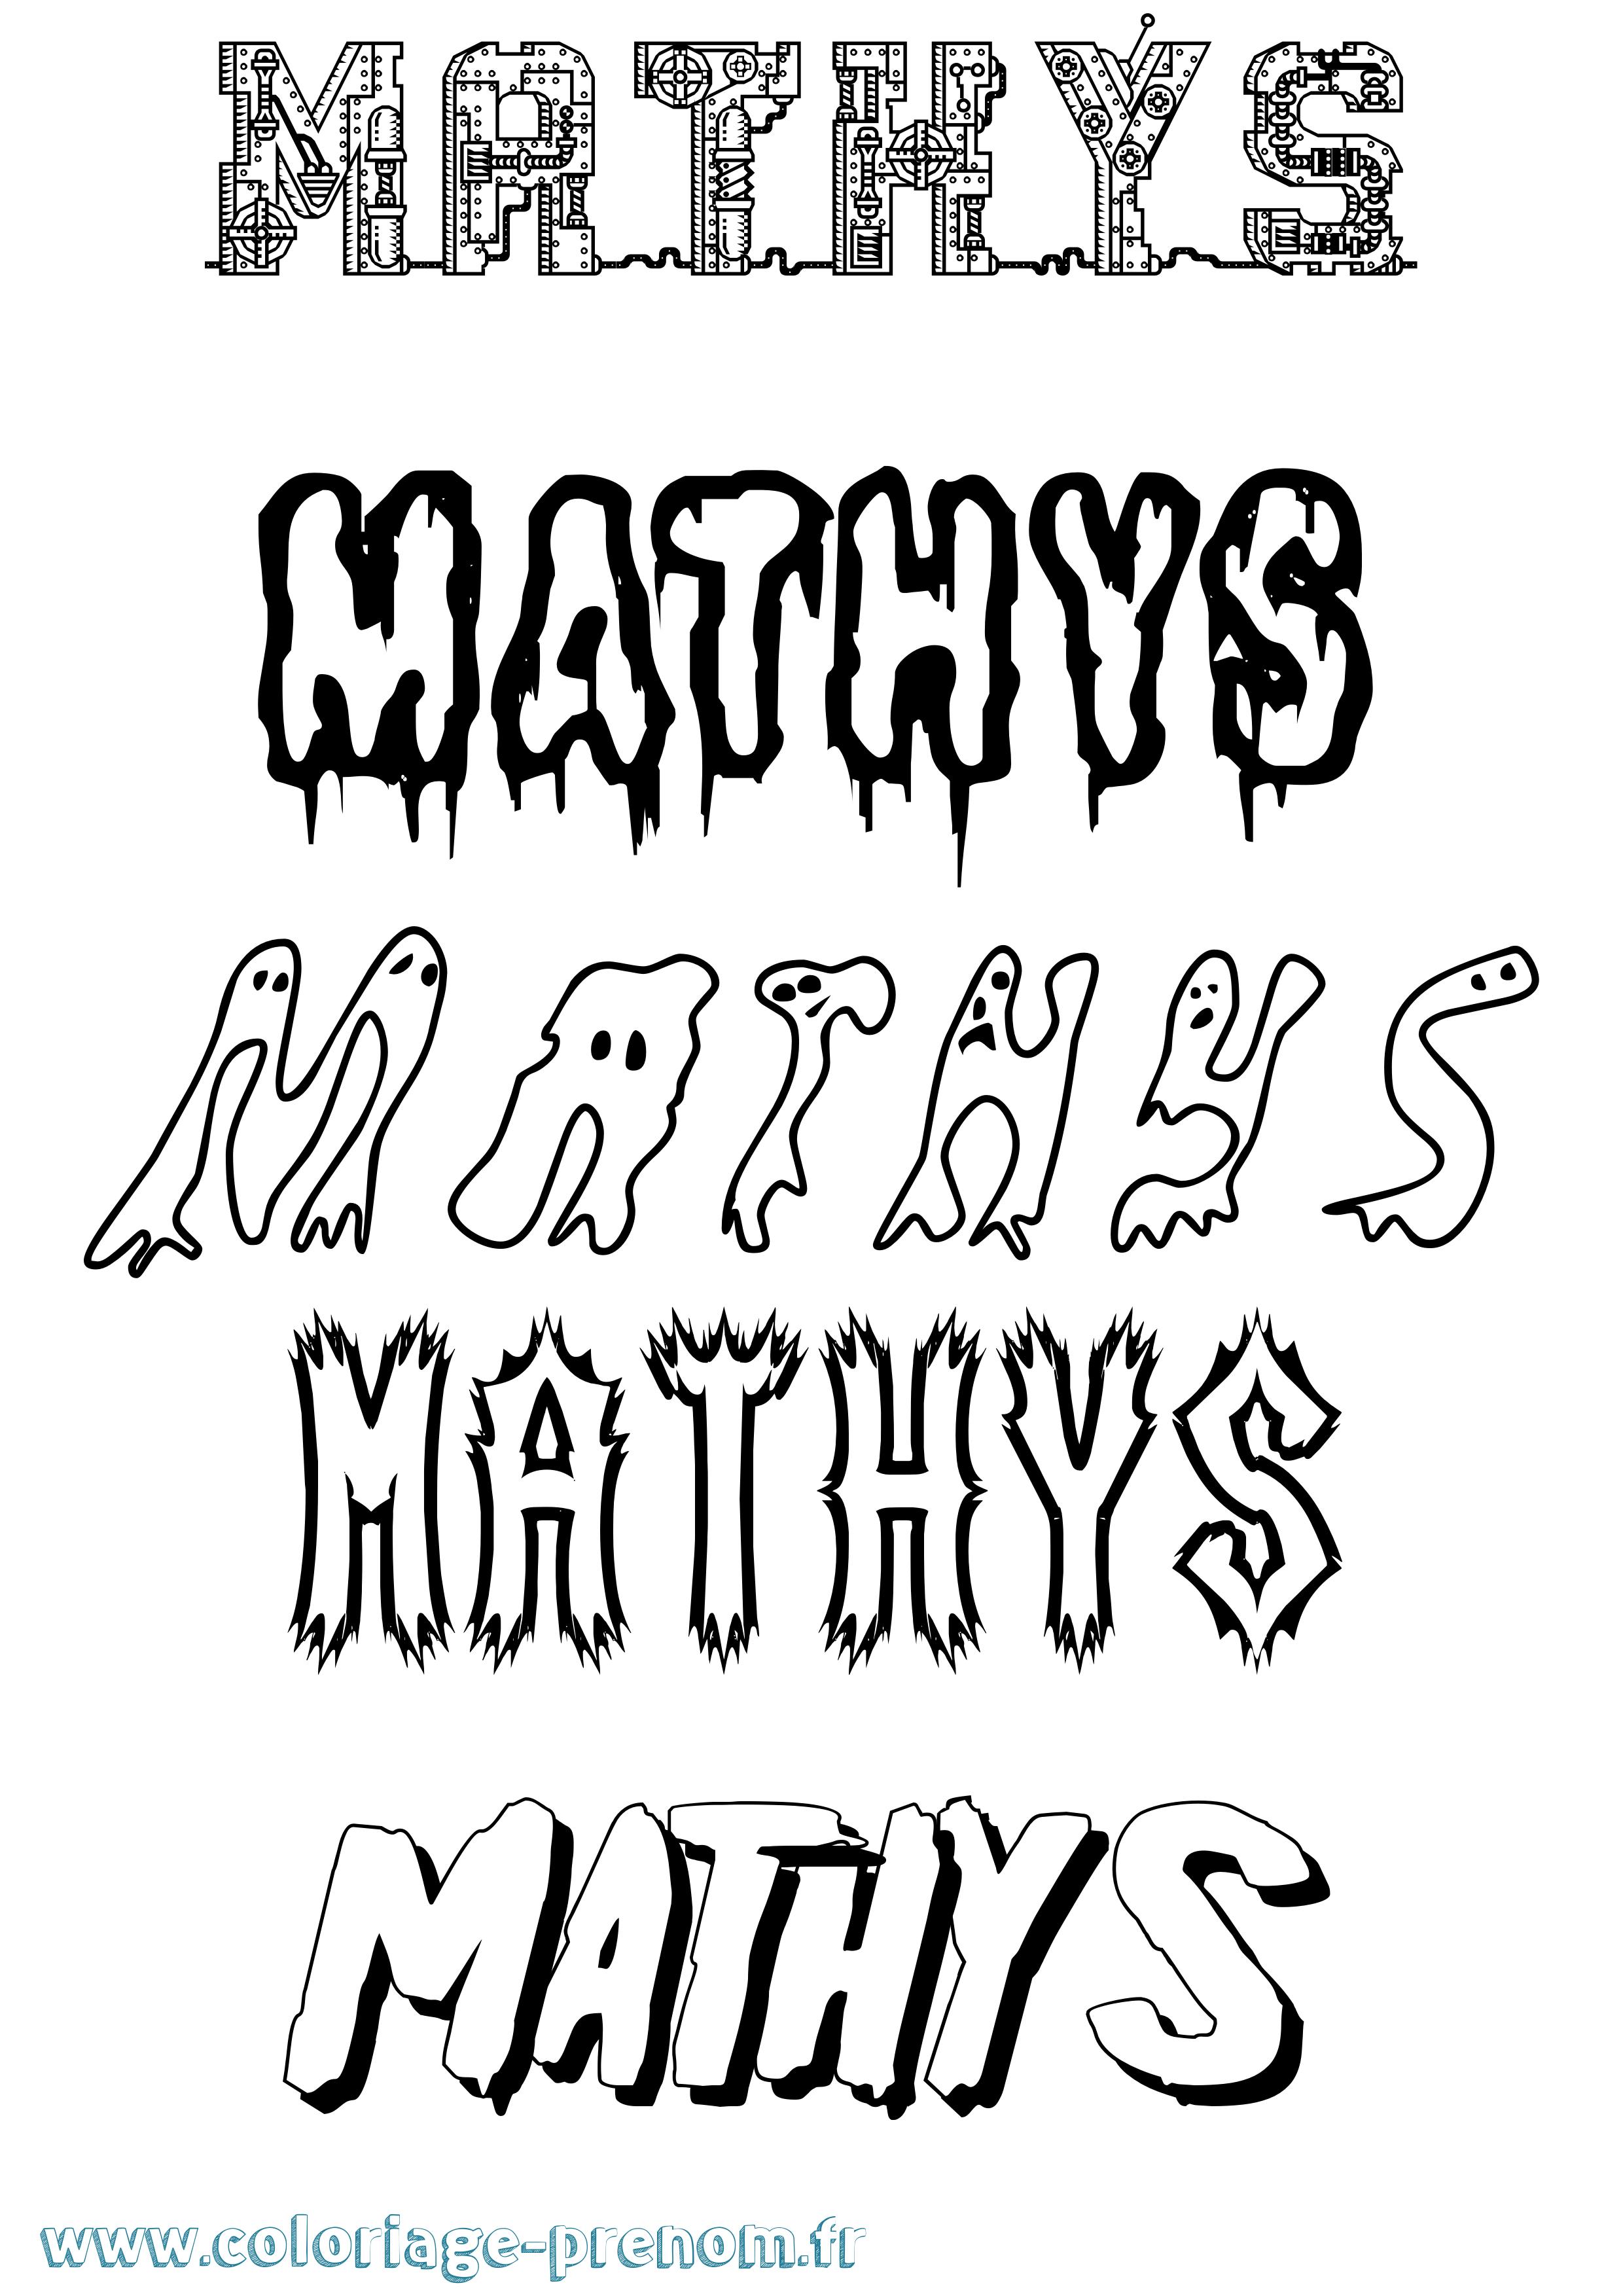 Coloriage du prénom Mathys : à Imprimer ou Télécharger ...